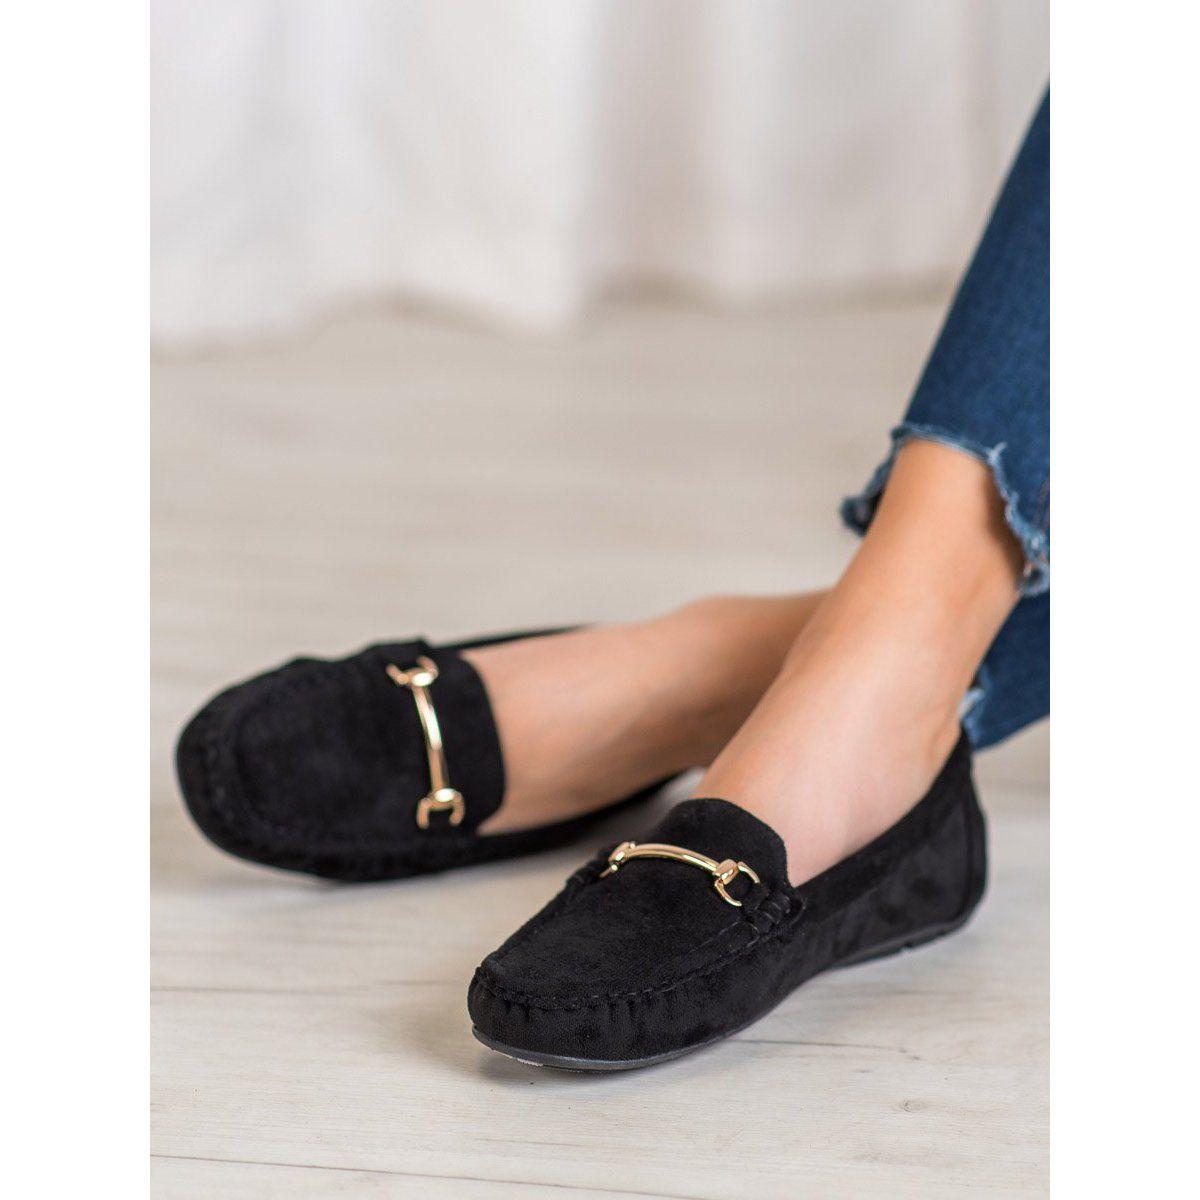 Seastar Stylowe Zamszowe Mokasyny Czarne Gucci Mules Shoes Mule Shoe